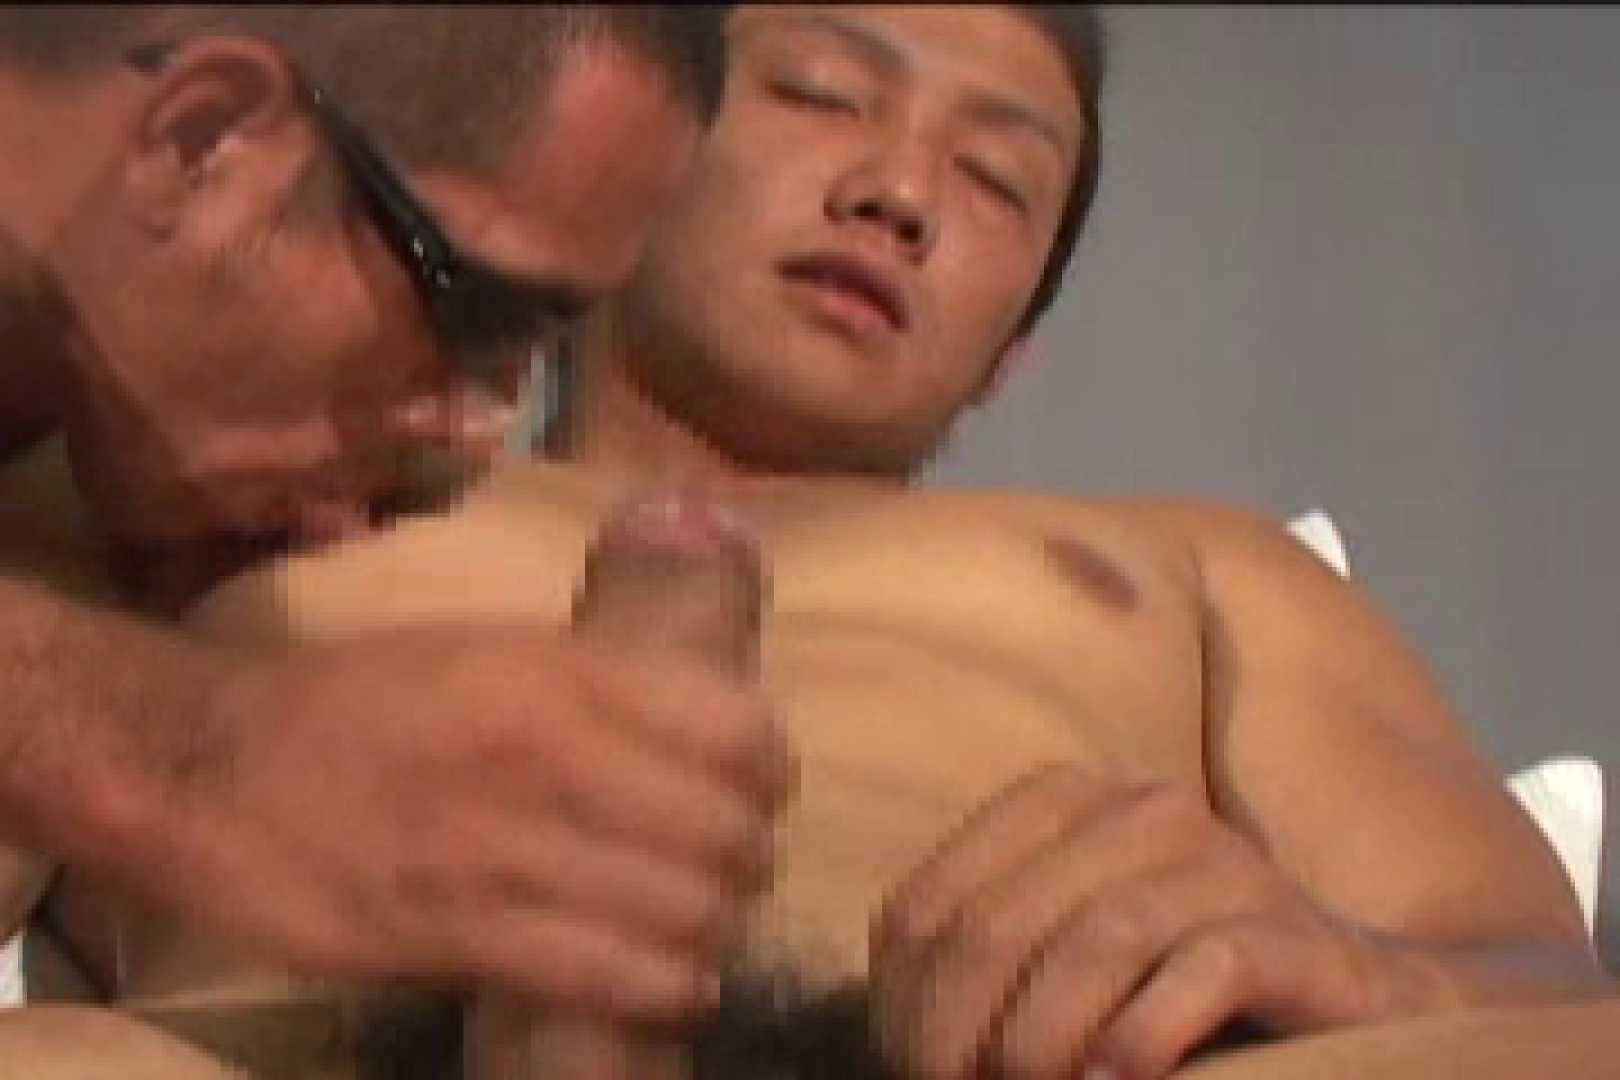 スポMENファック!!反り勃つ男根!!vol.4 KISS ゲイアダルトビデオ画像 68pic 39